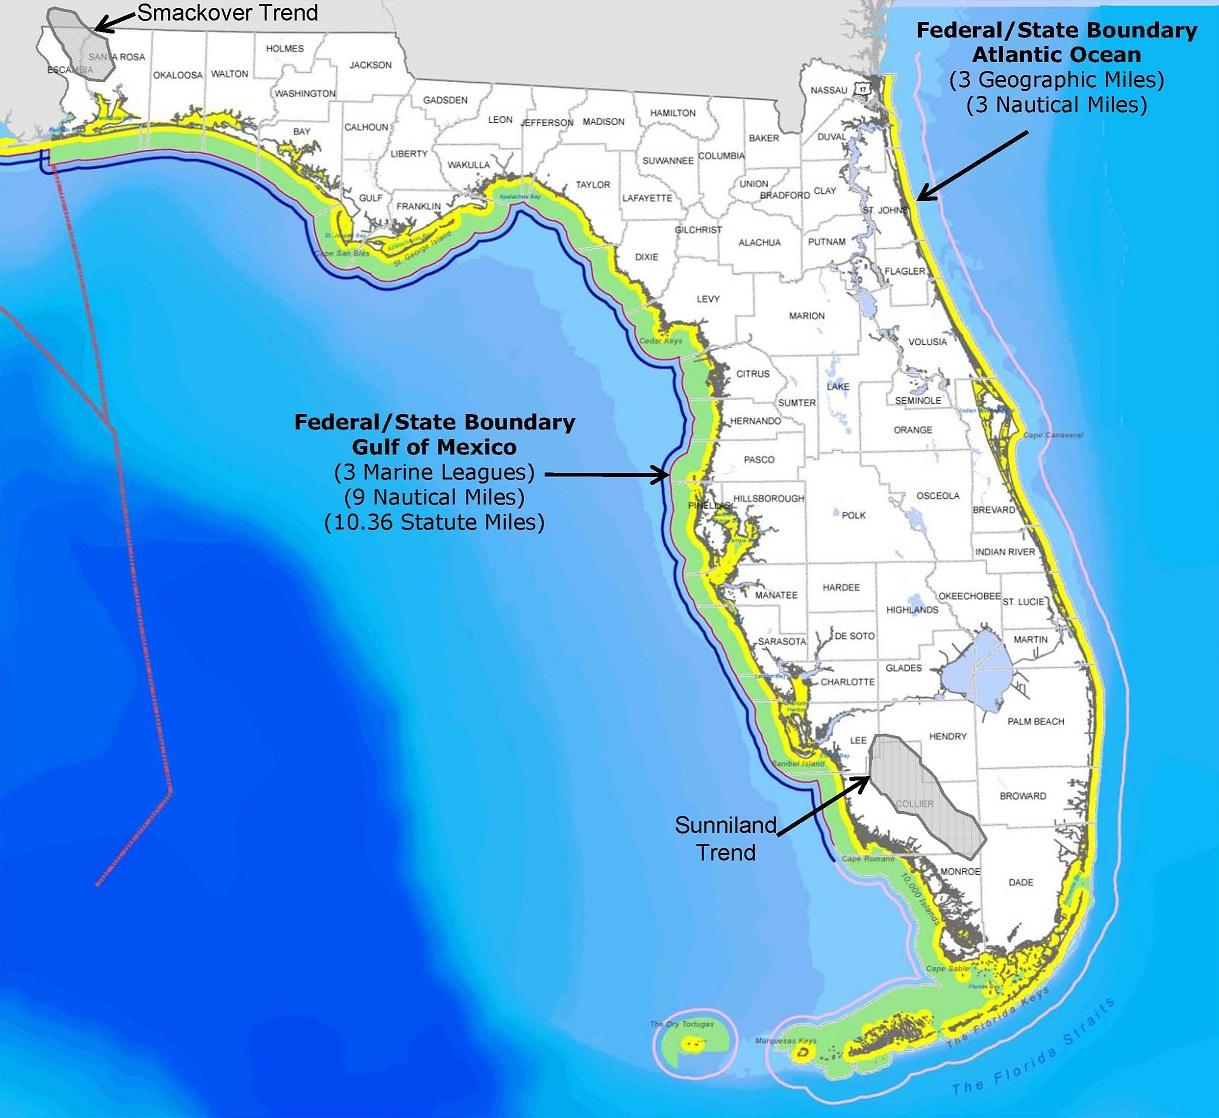 Save Our Shores! Florida - Florida Ocean Map